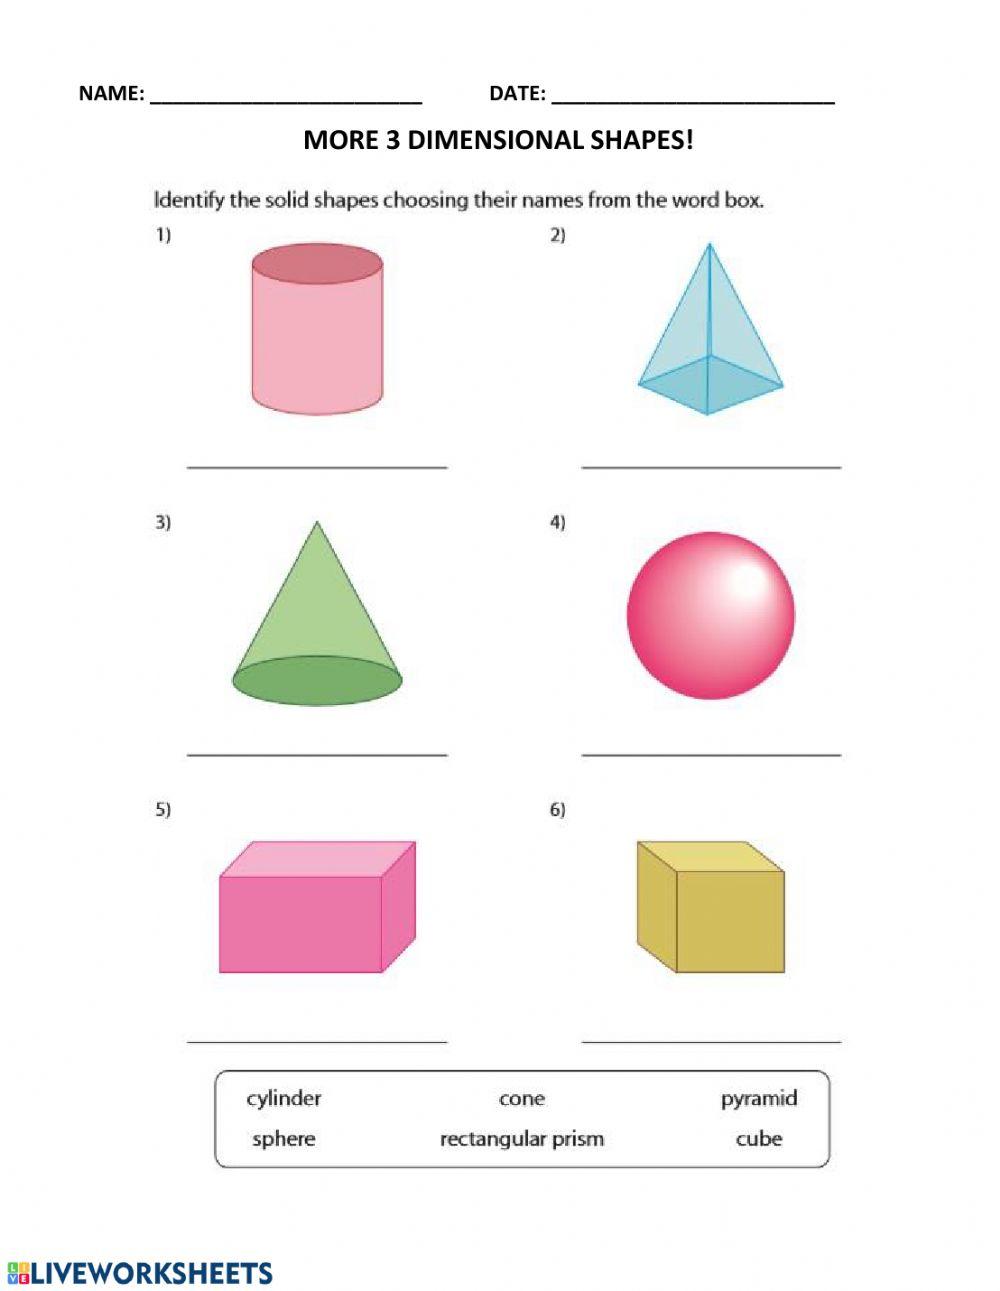 More 3D Shapes! Worksheet